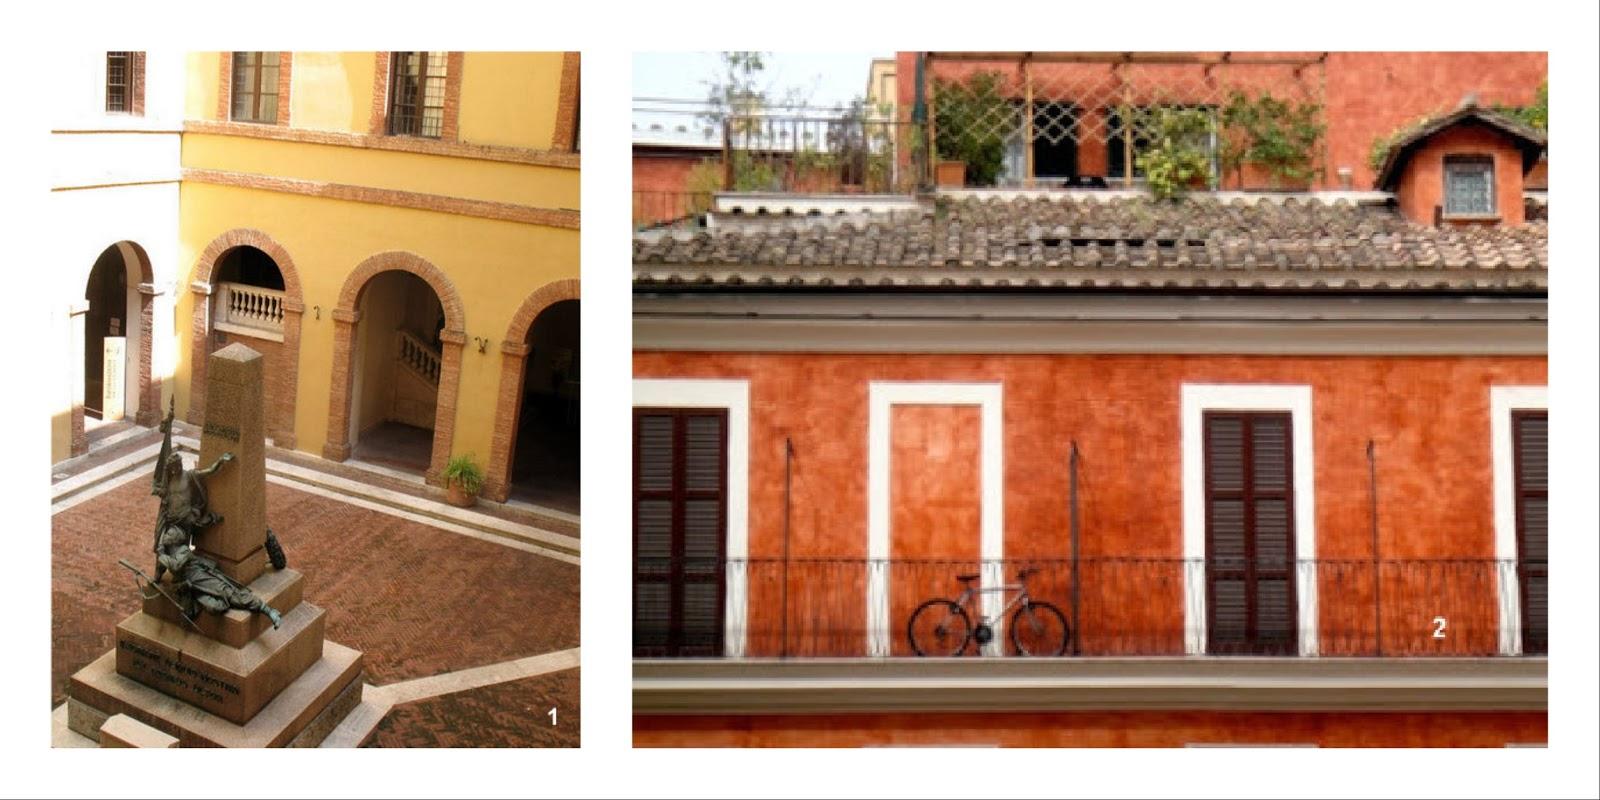 Colori Per Facciate Case trama e ordito - il blog della moda: colori italiani